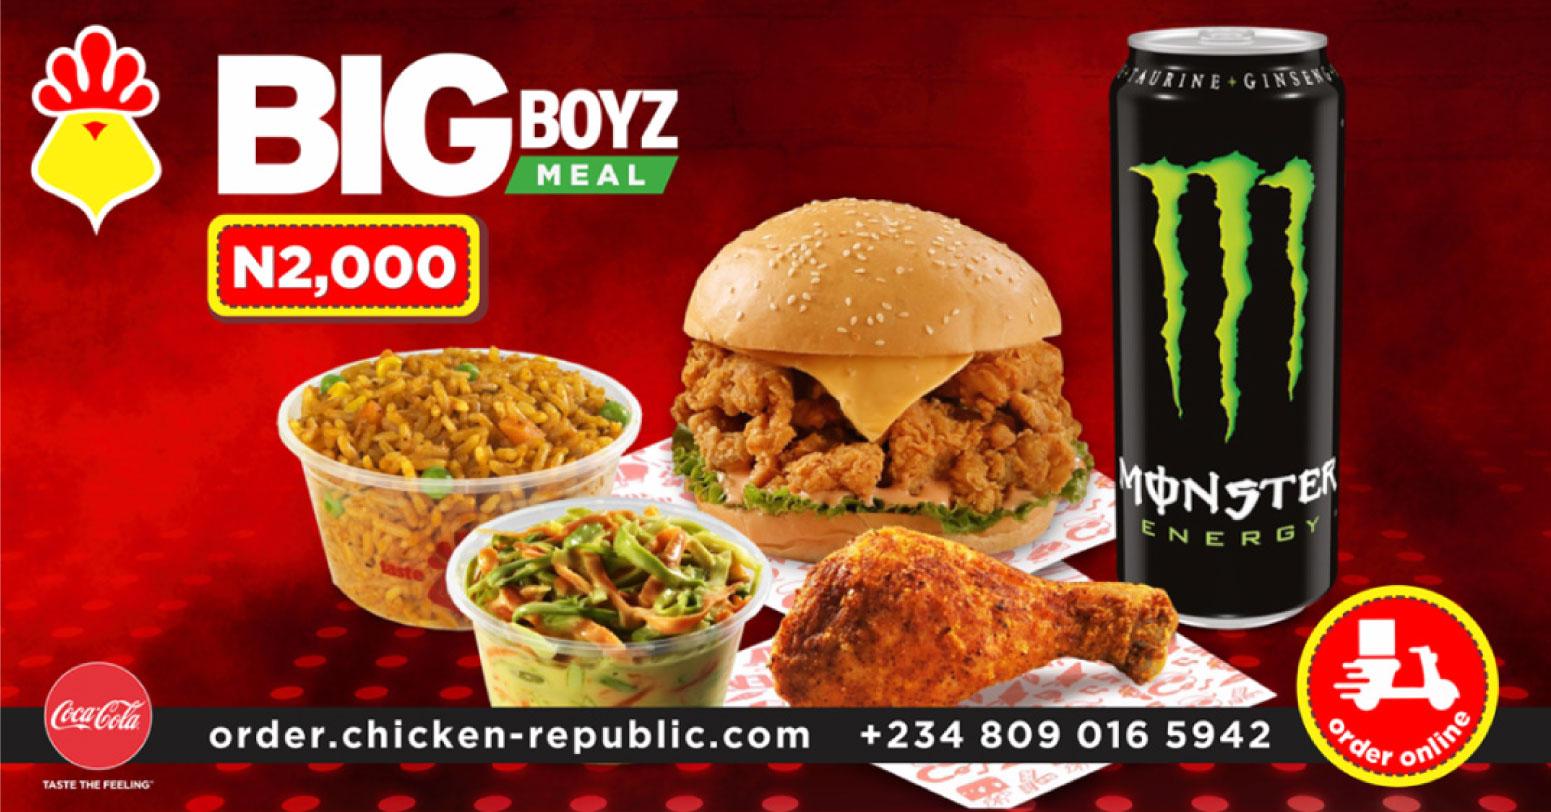 Chicken Republic - Big Boz Meal